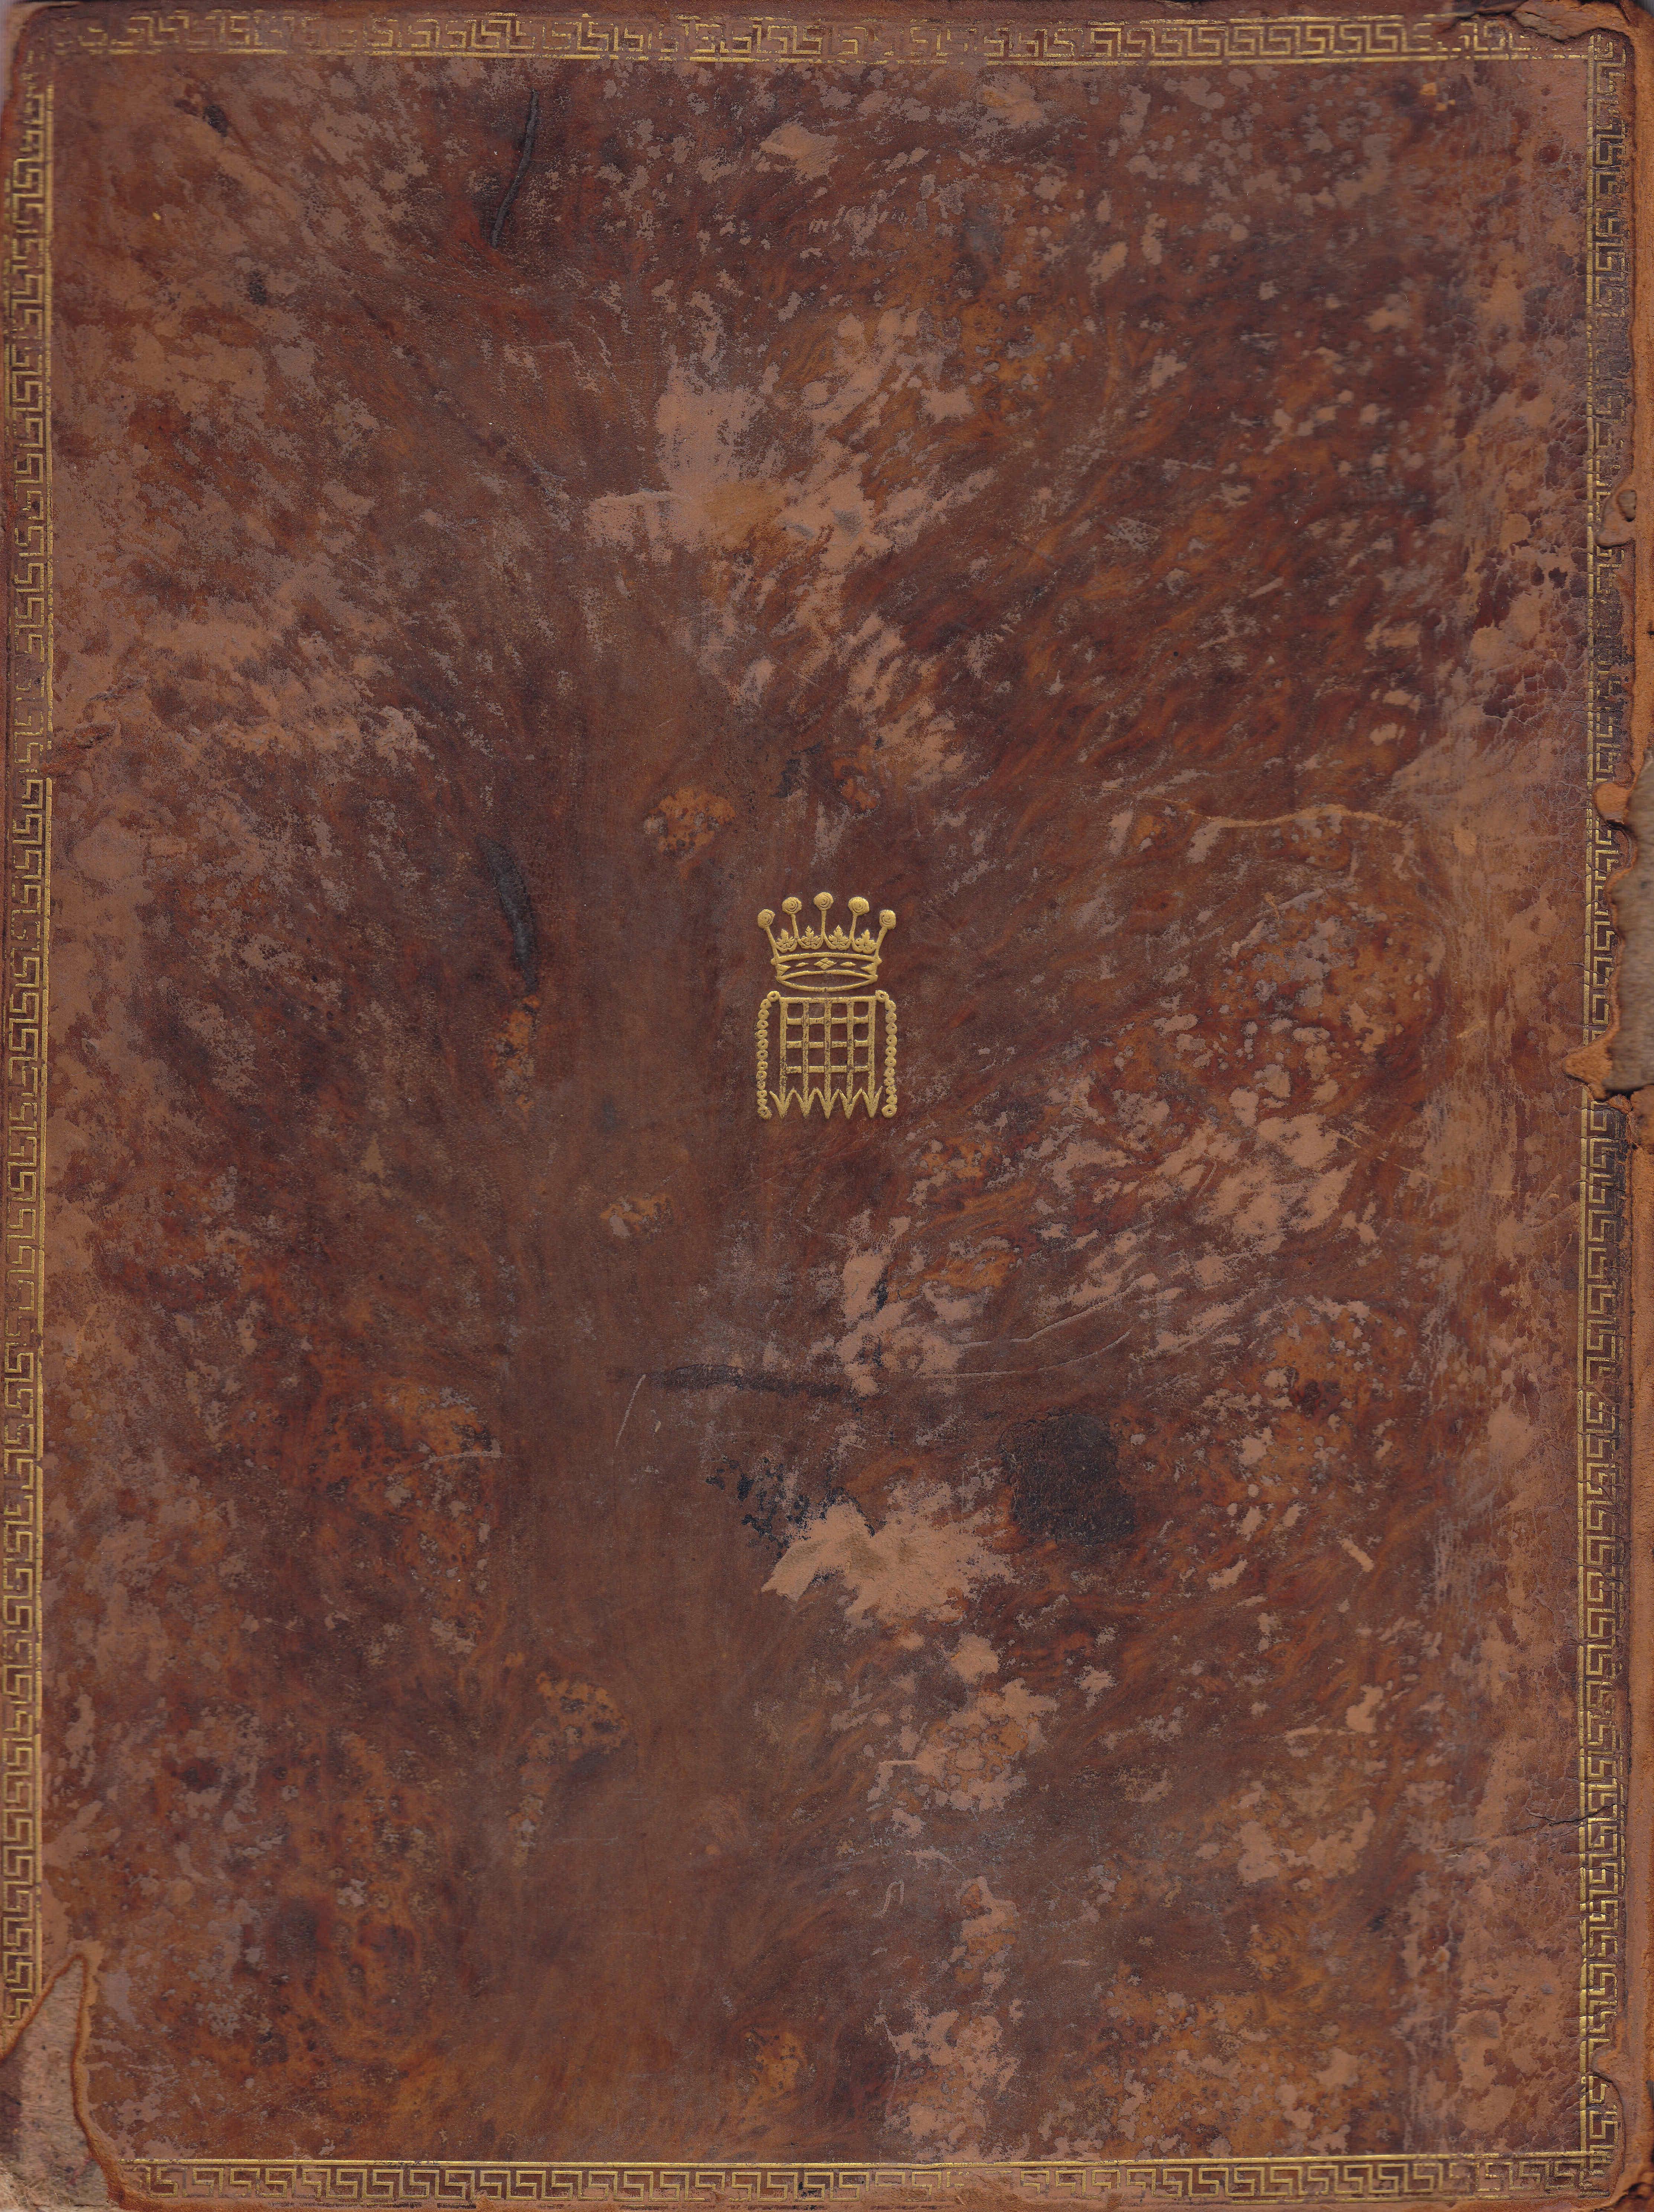 Restauración de libro antiguo y Sófocles 4